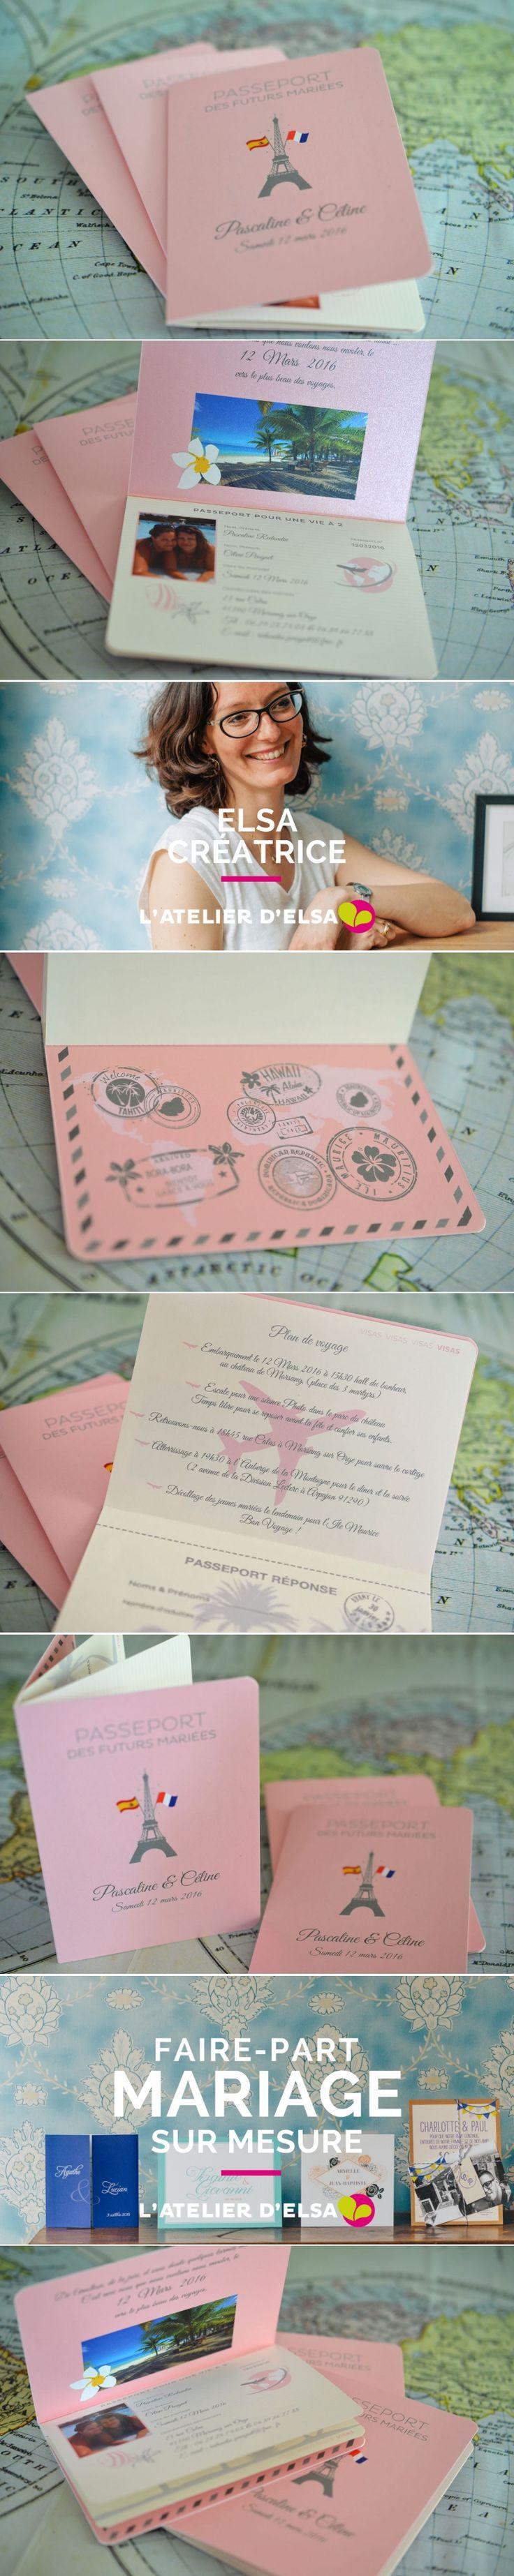 Faire-part Voyage Passeport Mariage • L'Atelier d'ElsaCréation sur mesure originale Haut de gamme #fairepart #mariage #faire-part #faire-partPasseport #fairepartVoyage